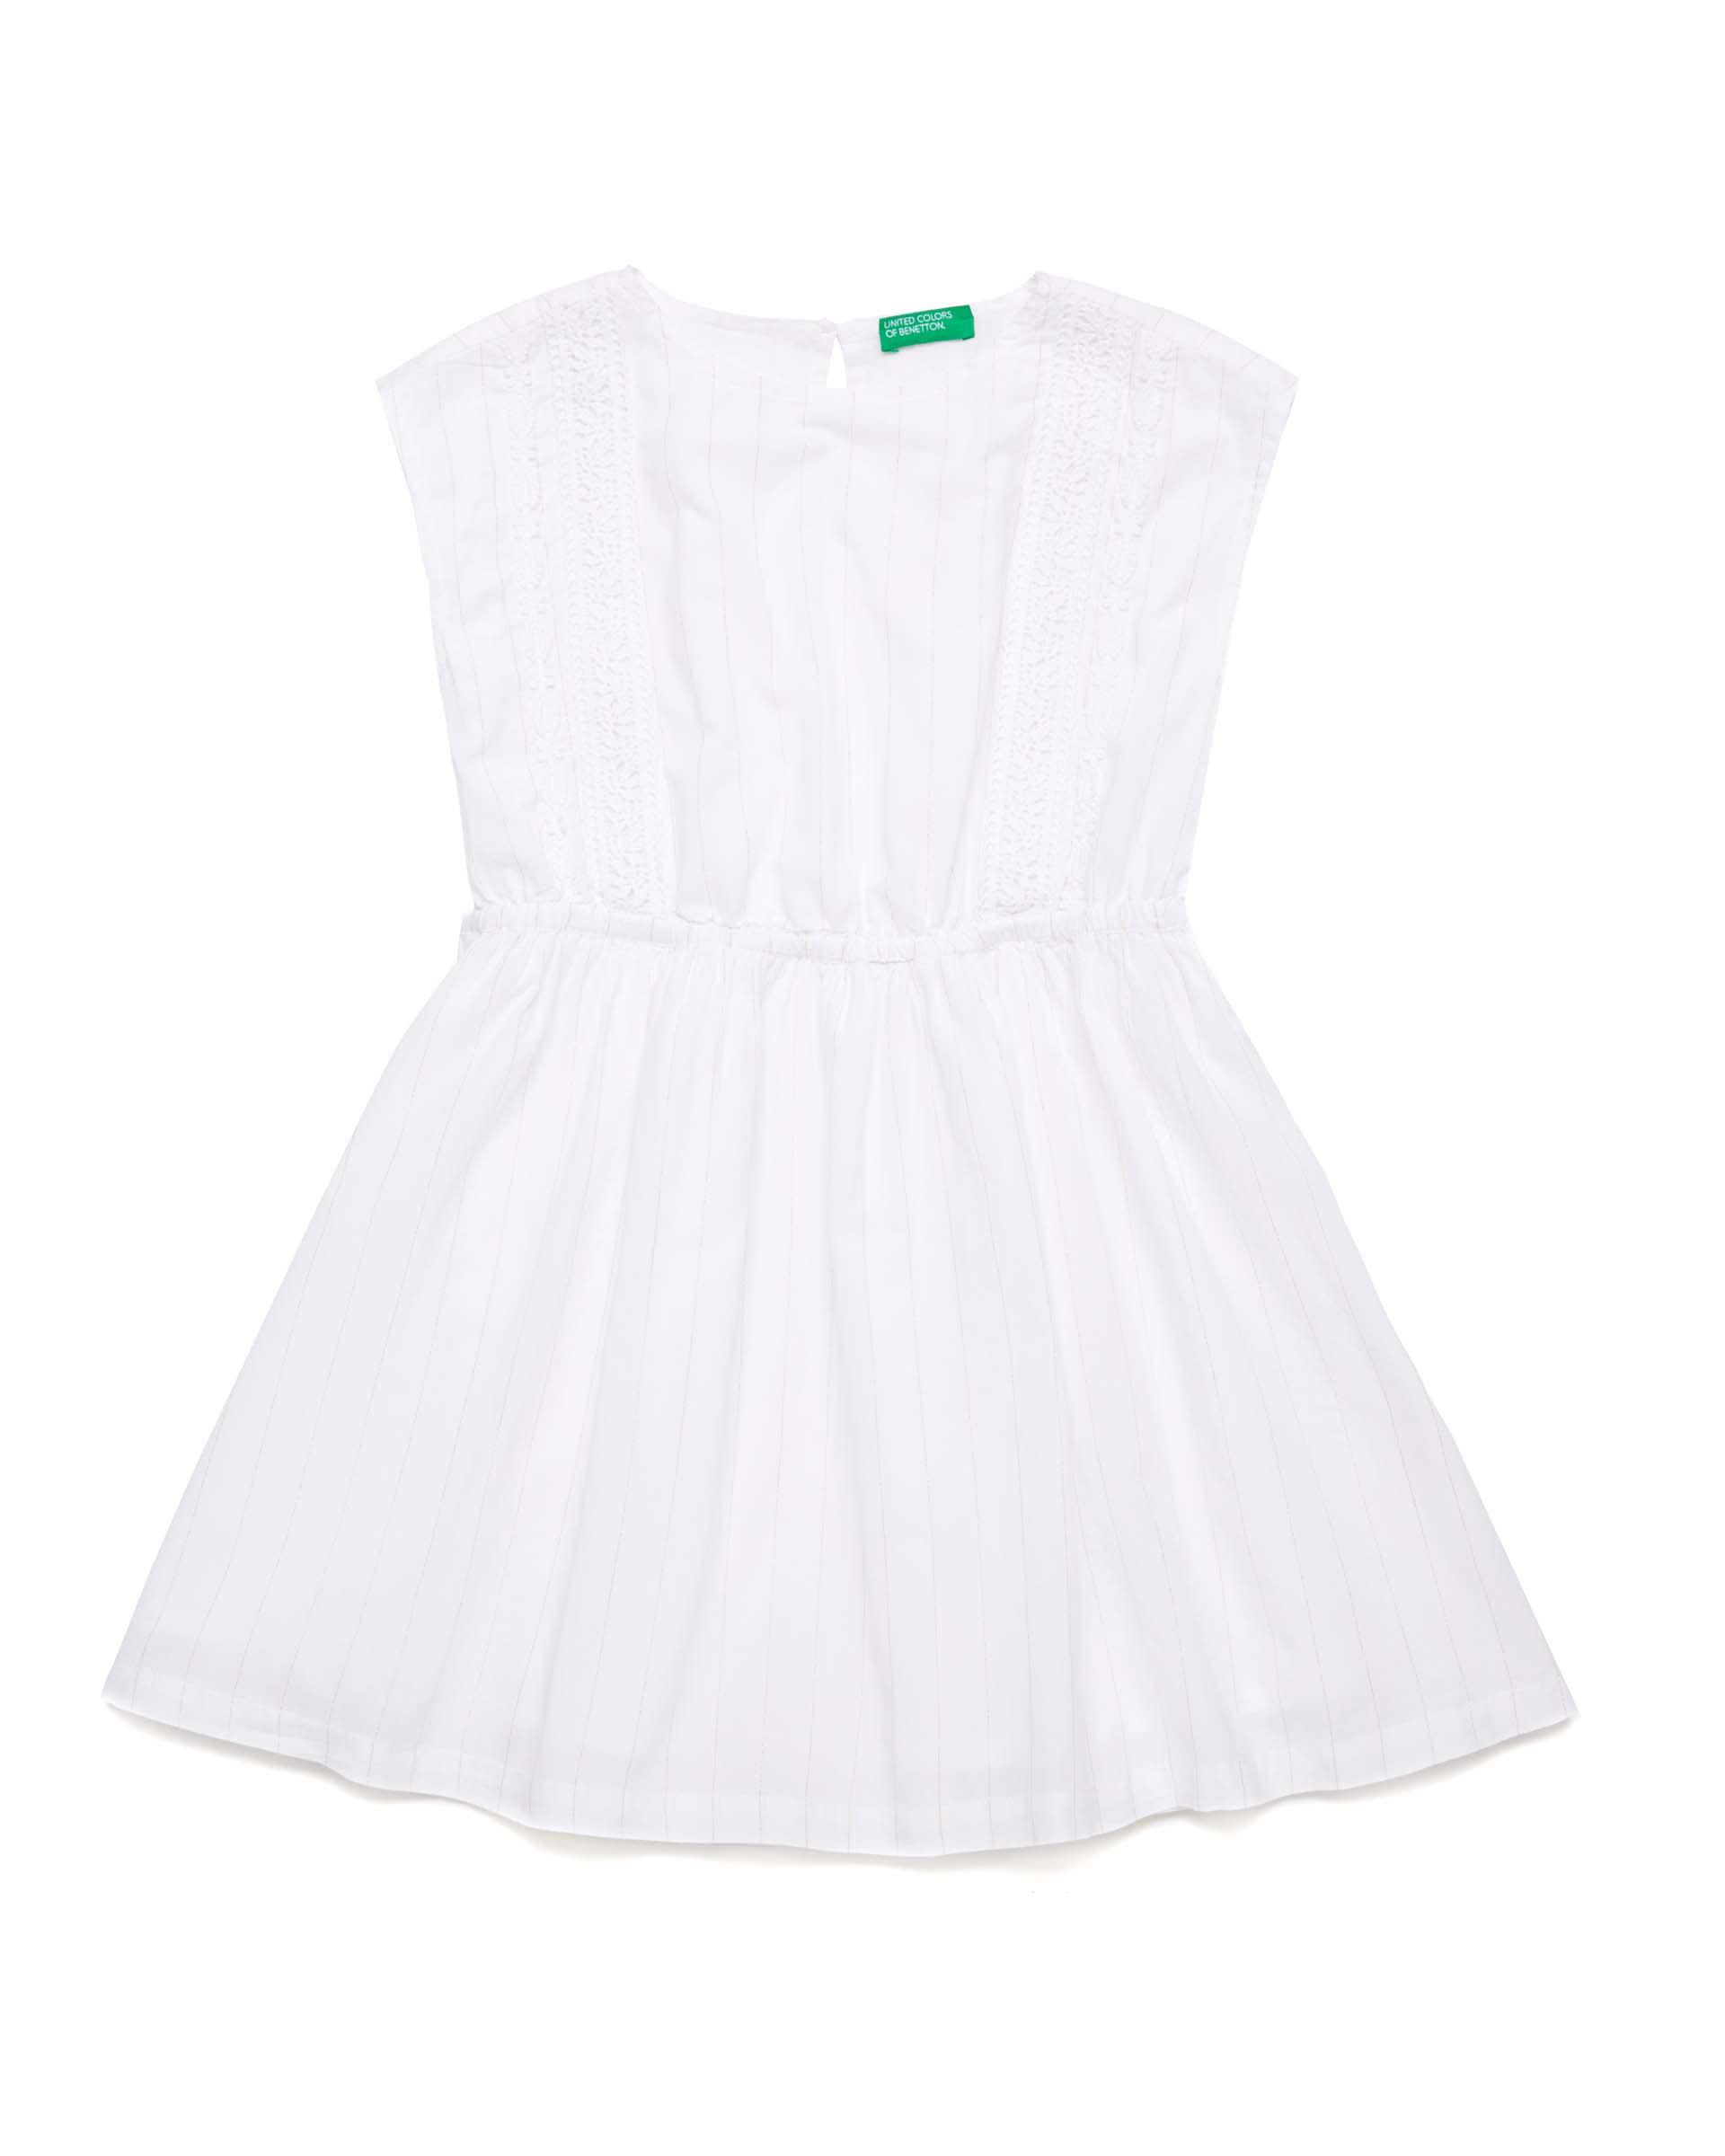 Купить 20P_4OV55VDH0_901, Платье для девочек Benetton 4OV55VDH0_901 р-р 140, United Colors of Benetton, Платья для девочек